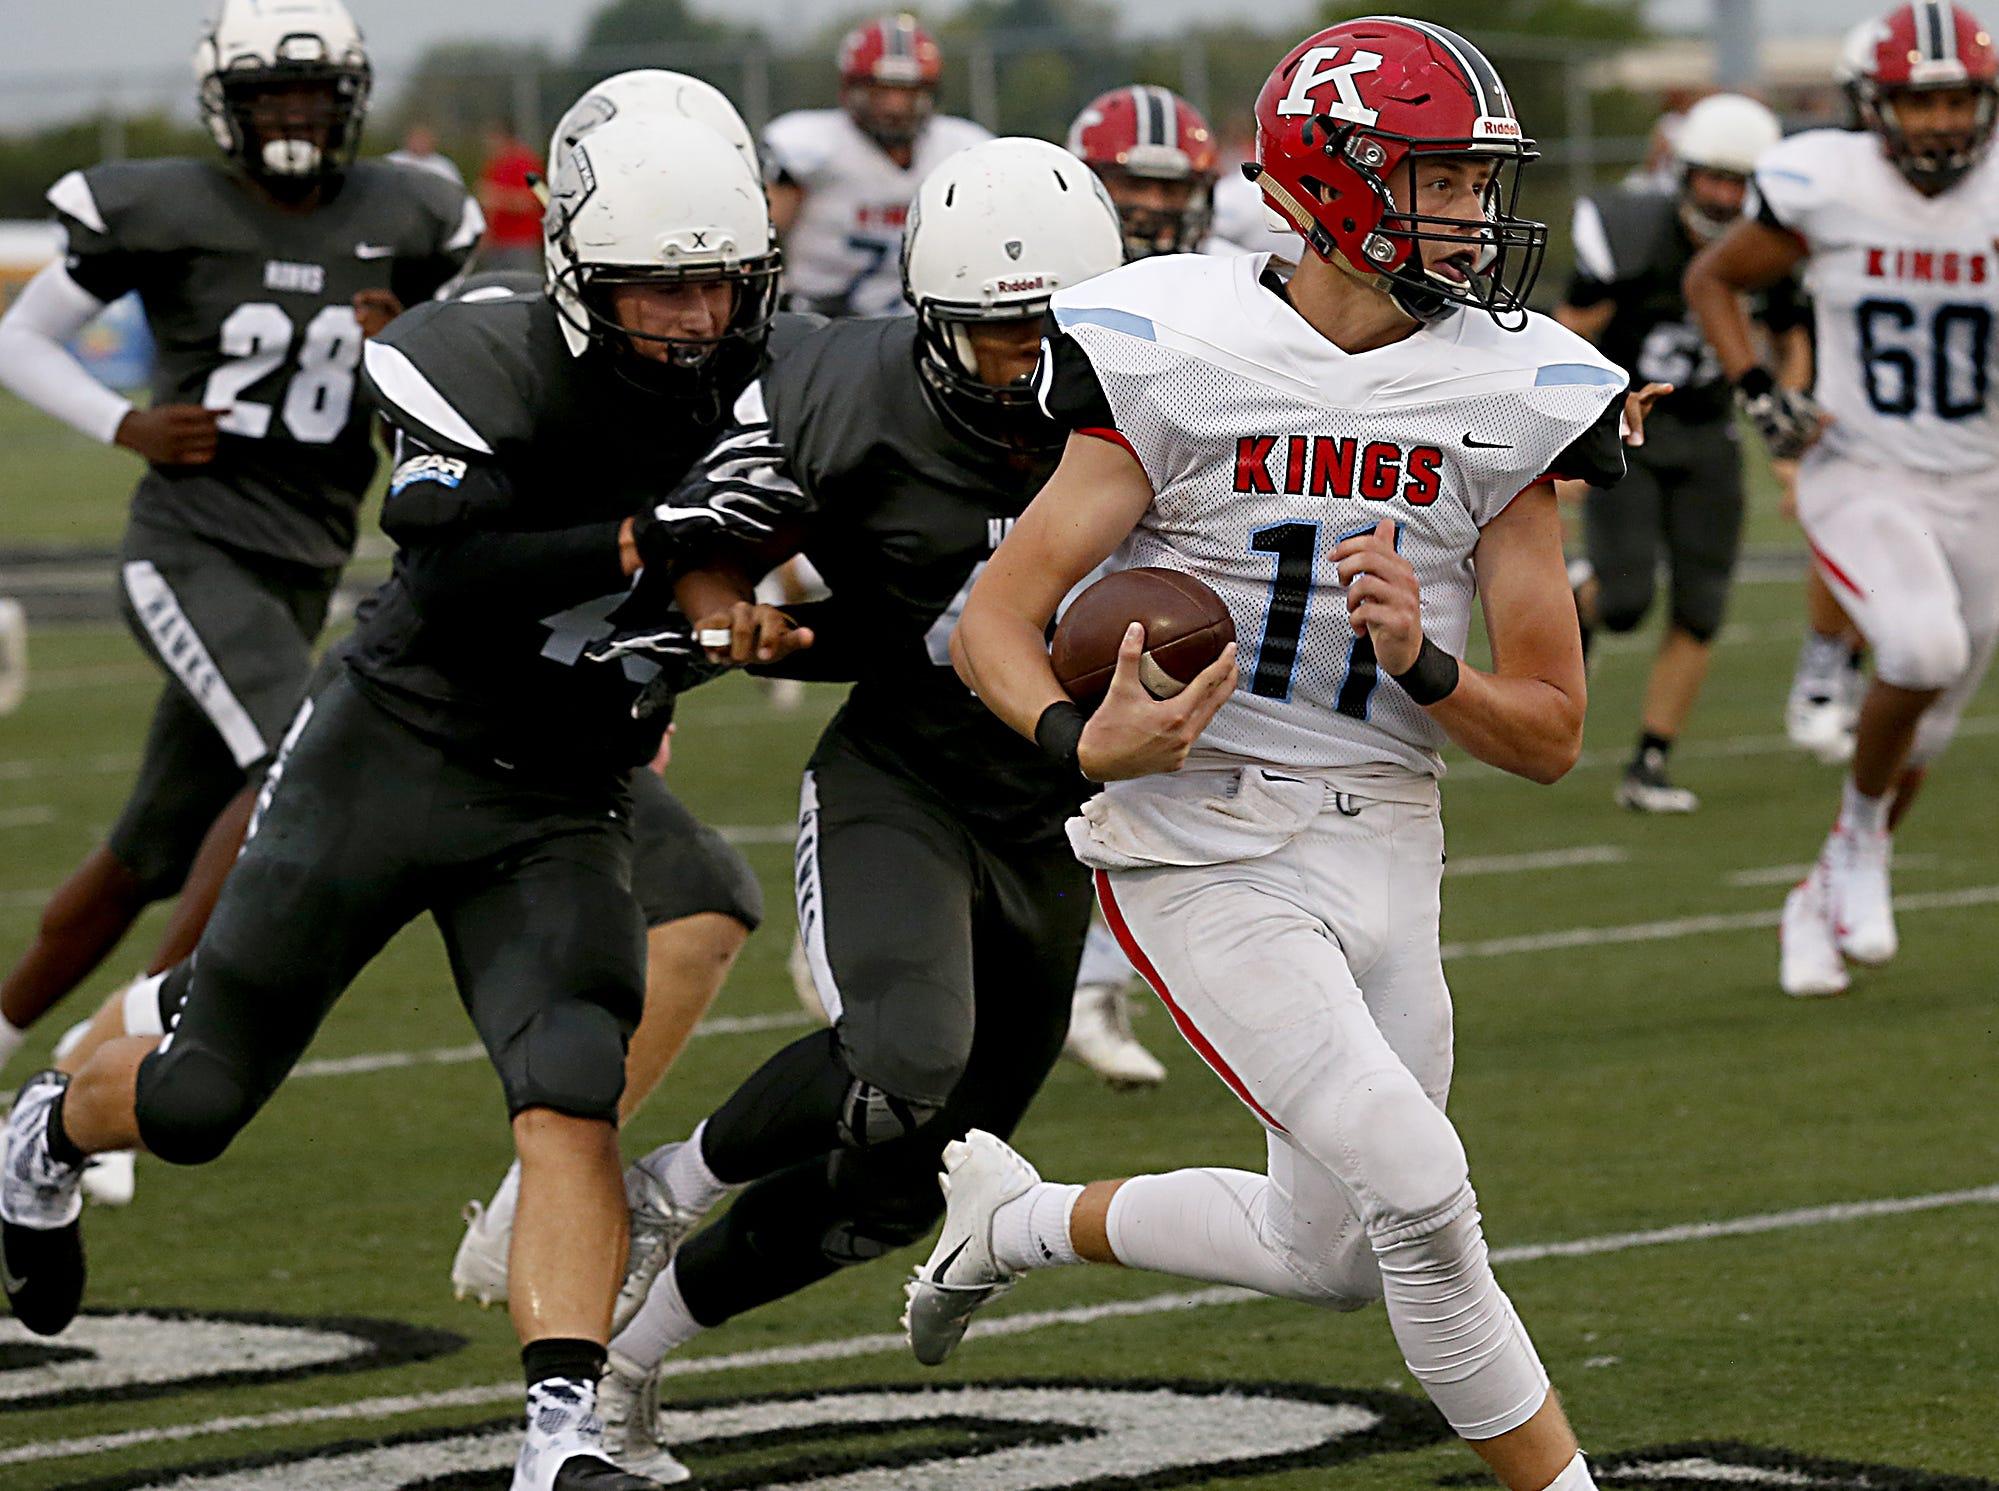 Kings quarterback Ashton Koller runs for yardage against Lakota East during their Skyline Chili Crosstown Showdown game at Lakota East Friday, August 31, 2018.